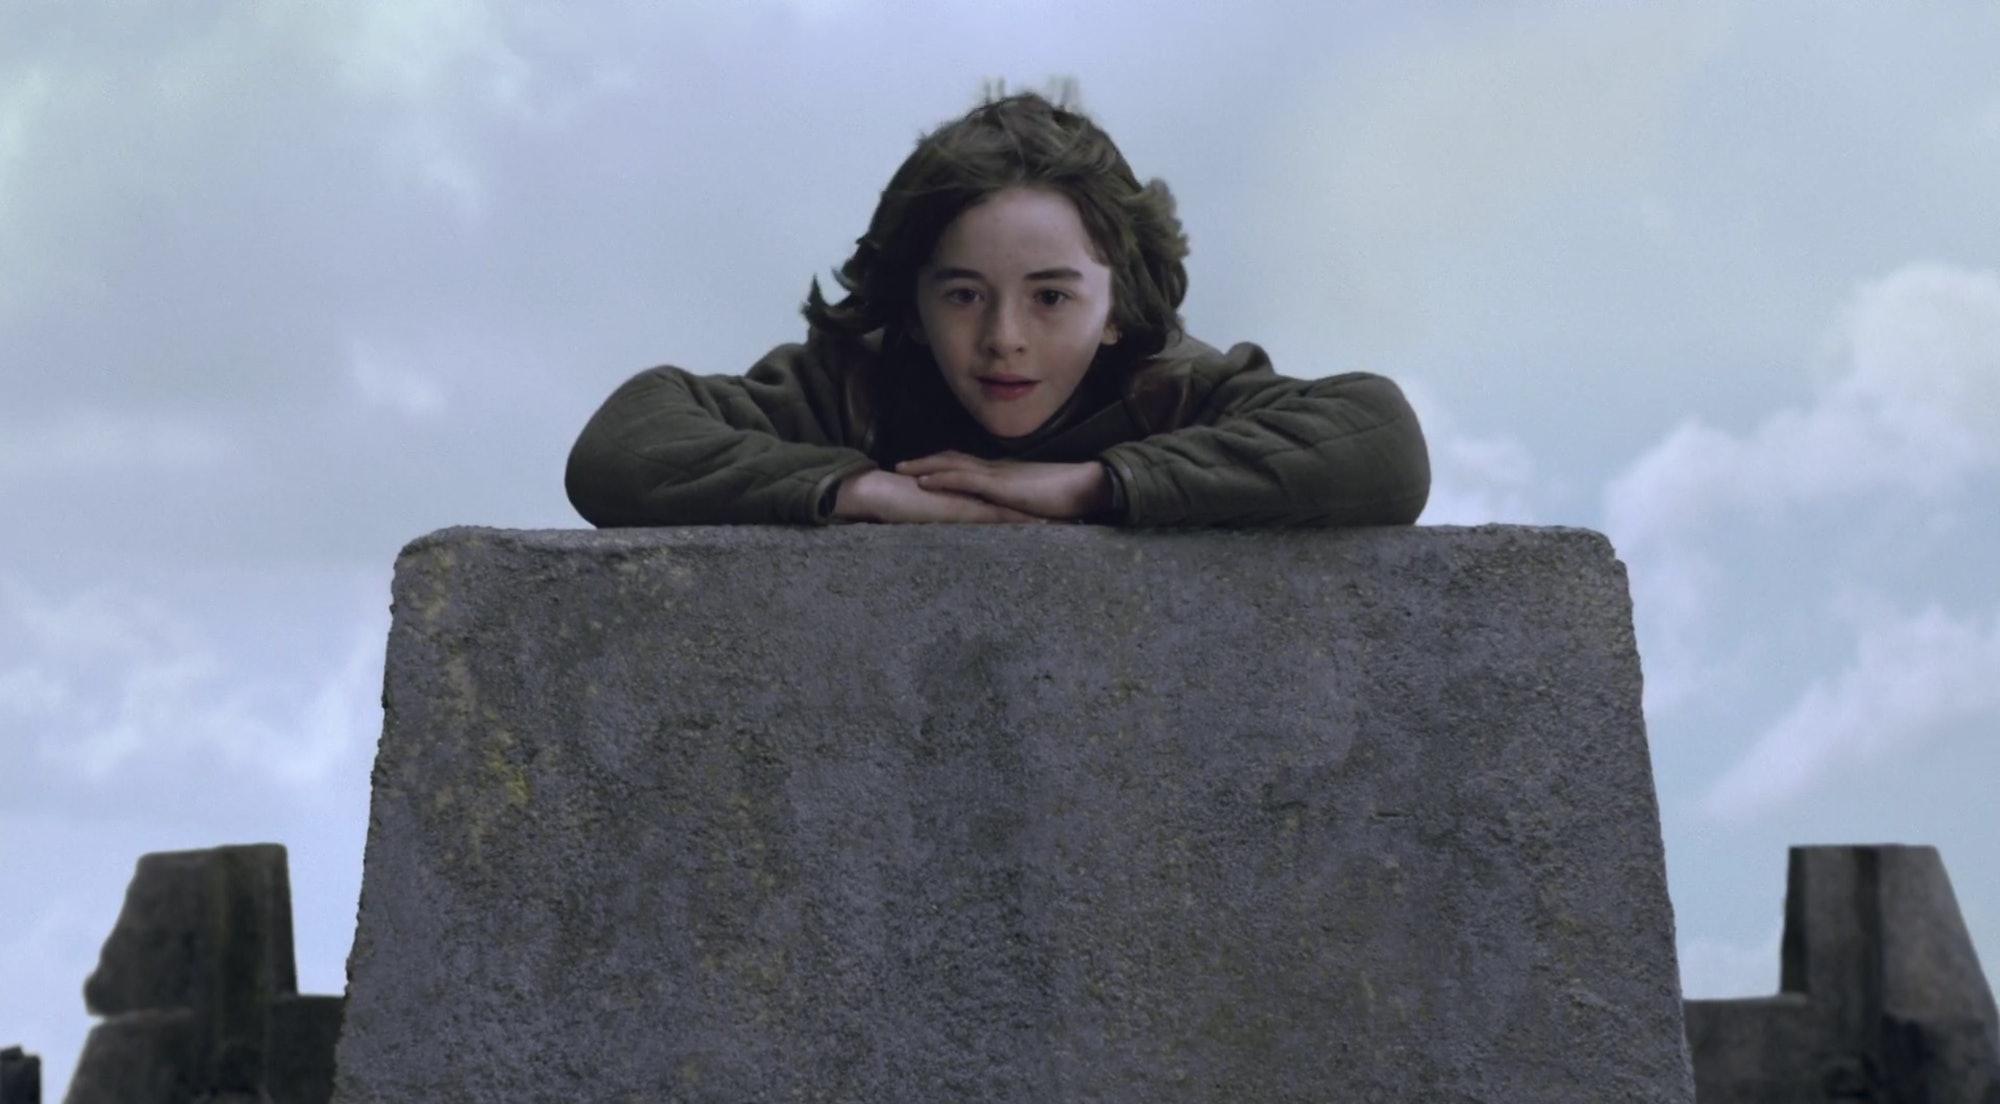 Bran Stark (Isaac Hempstead-Wright) in 'Game of Thrones' Season 1